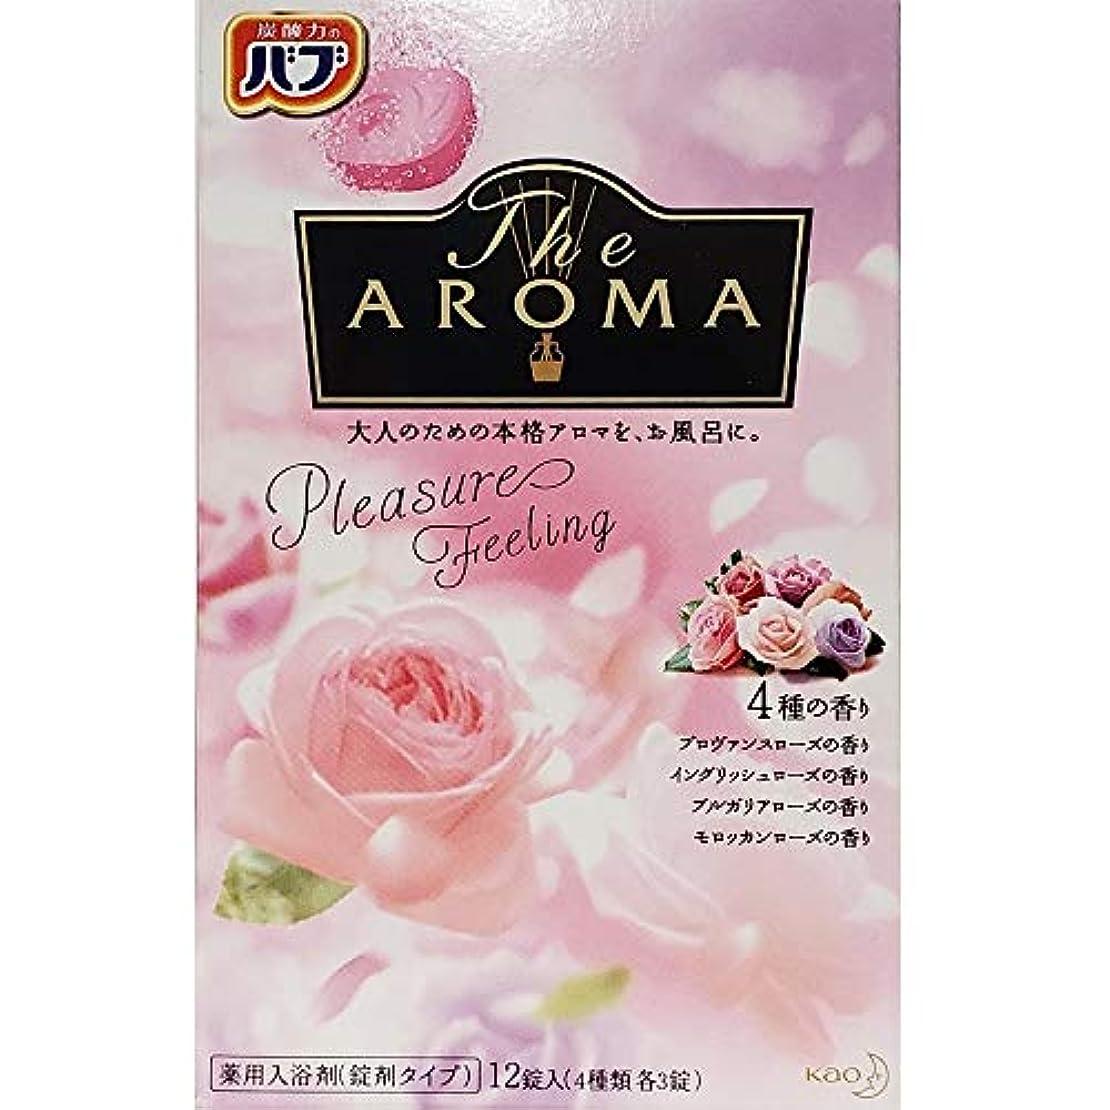 滞在専門用語カールバブ The Aroma Pleasure Feeling 40g×12錠(4種類 各3錠) 医薬部外品